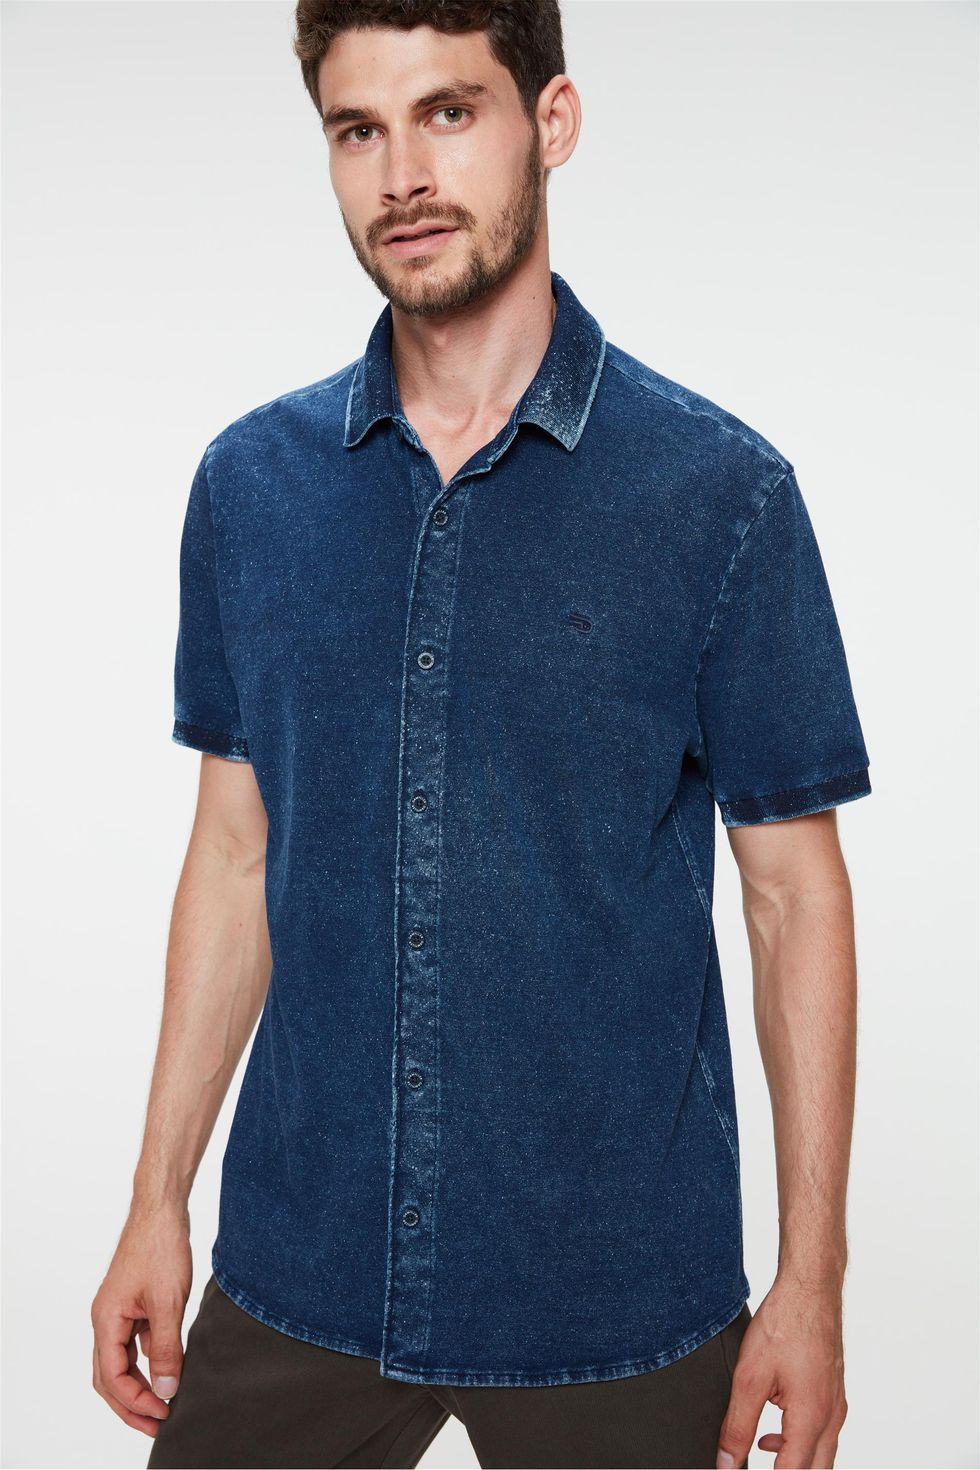 Camisa-de-Manga-Curta-em-Malha-Denim-Frente--